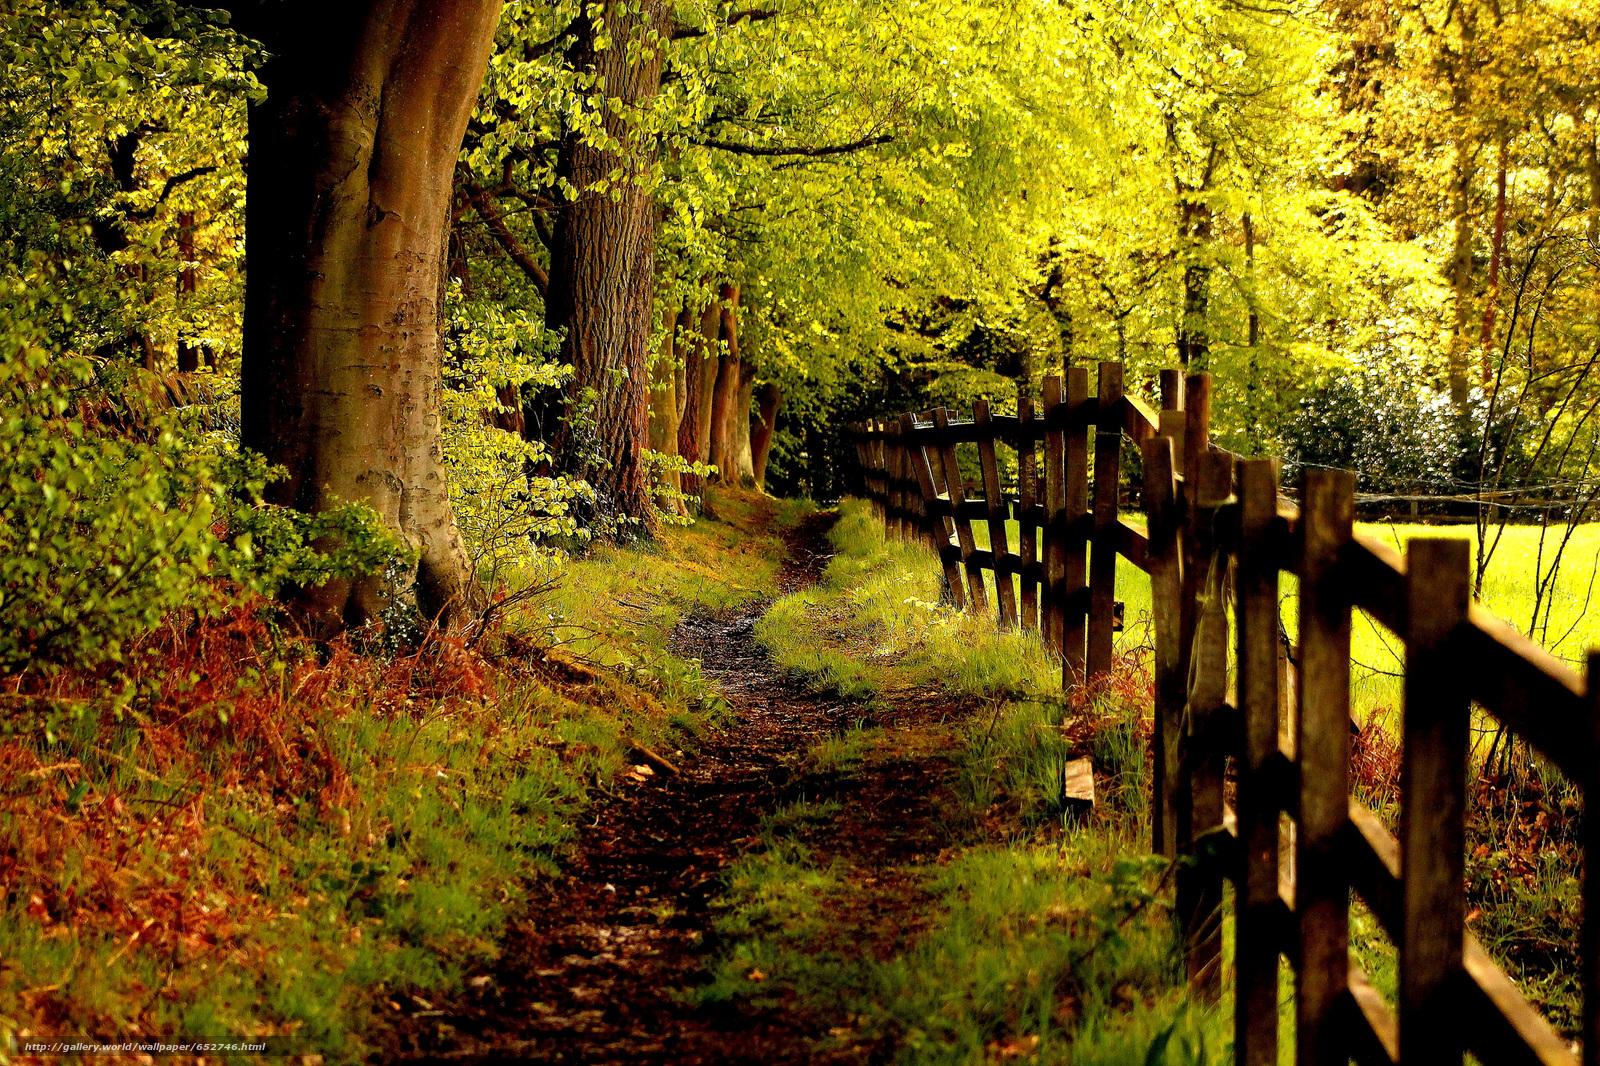 tlcharger fond d 39 ecran automne route arbres paysage fonds d 39 ecran gratuits pour votre. Black Bedroom Furniture Sets. Home Design Ideas